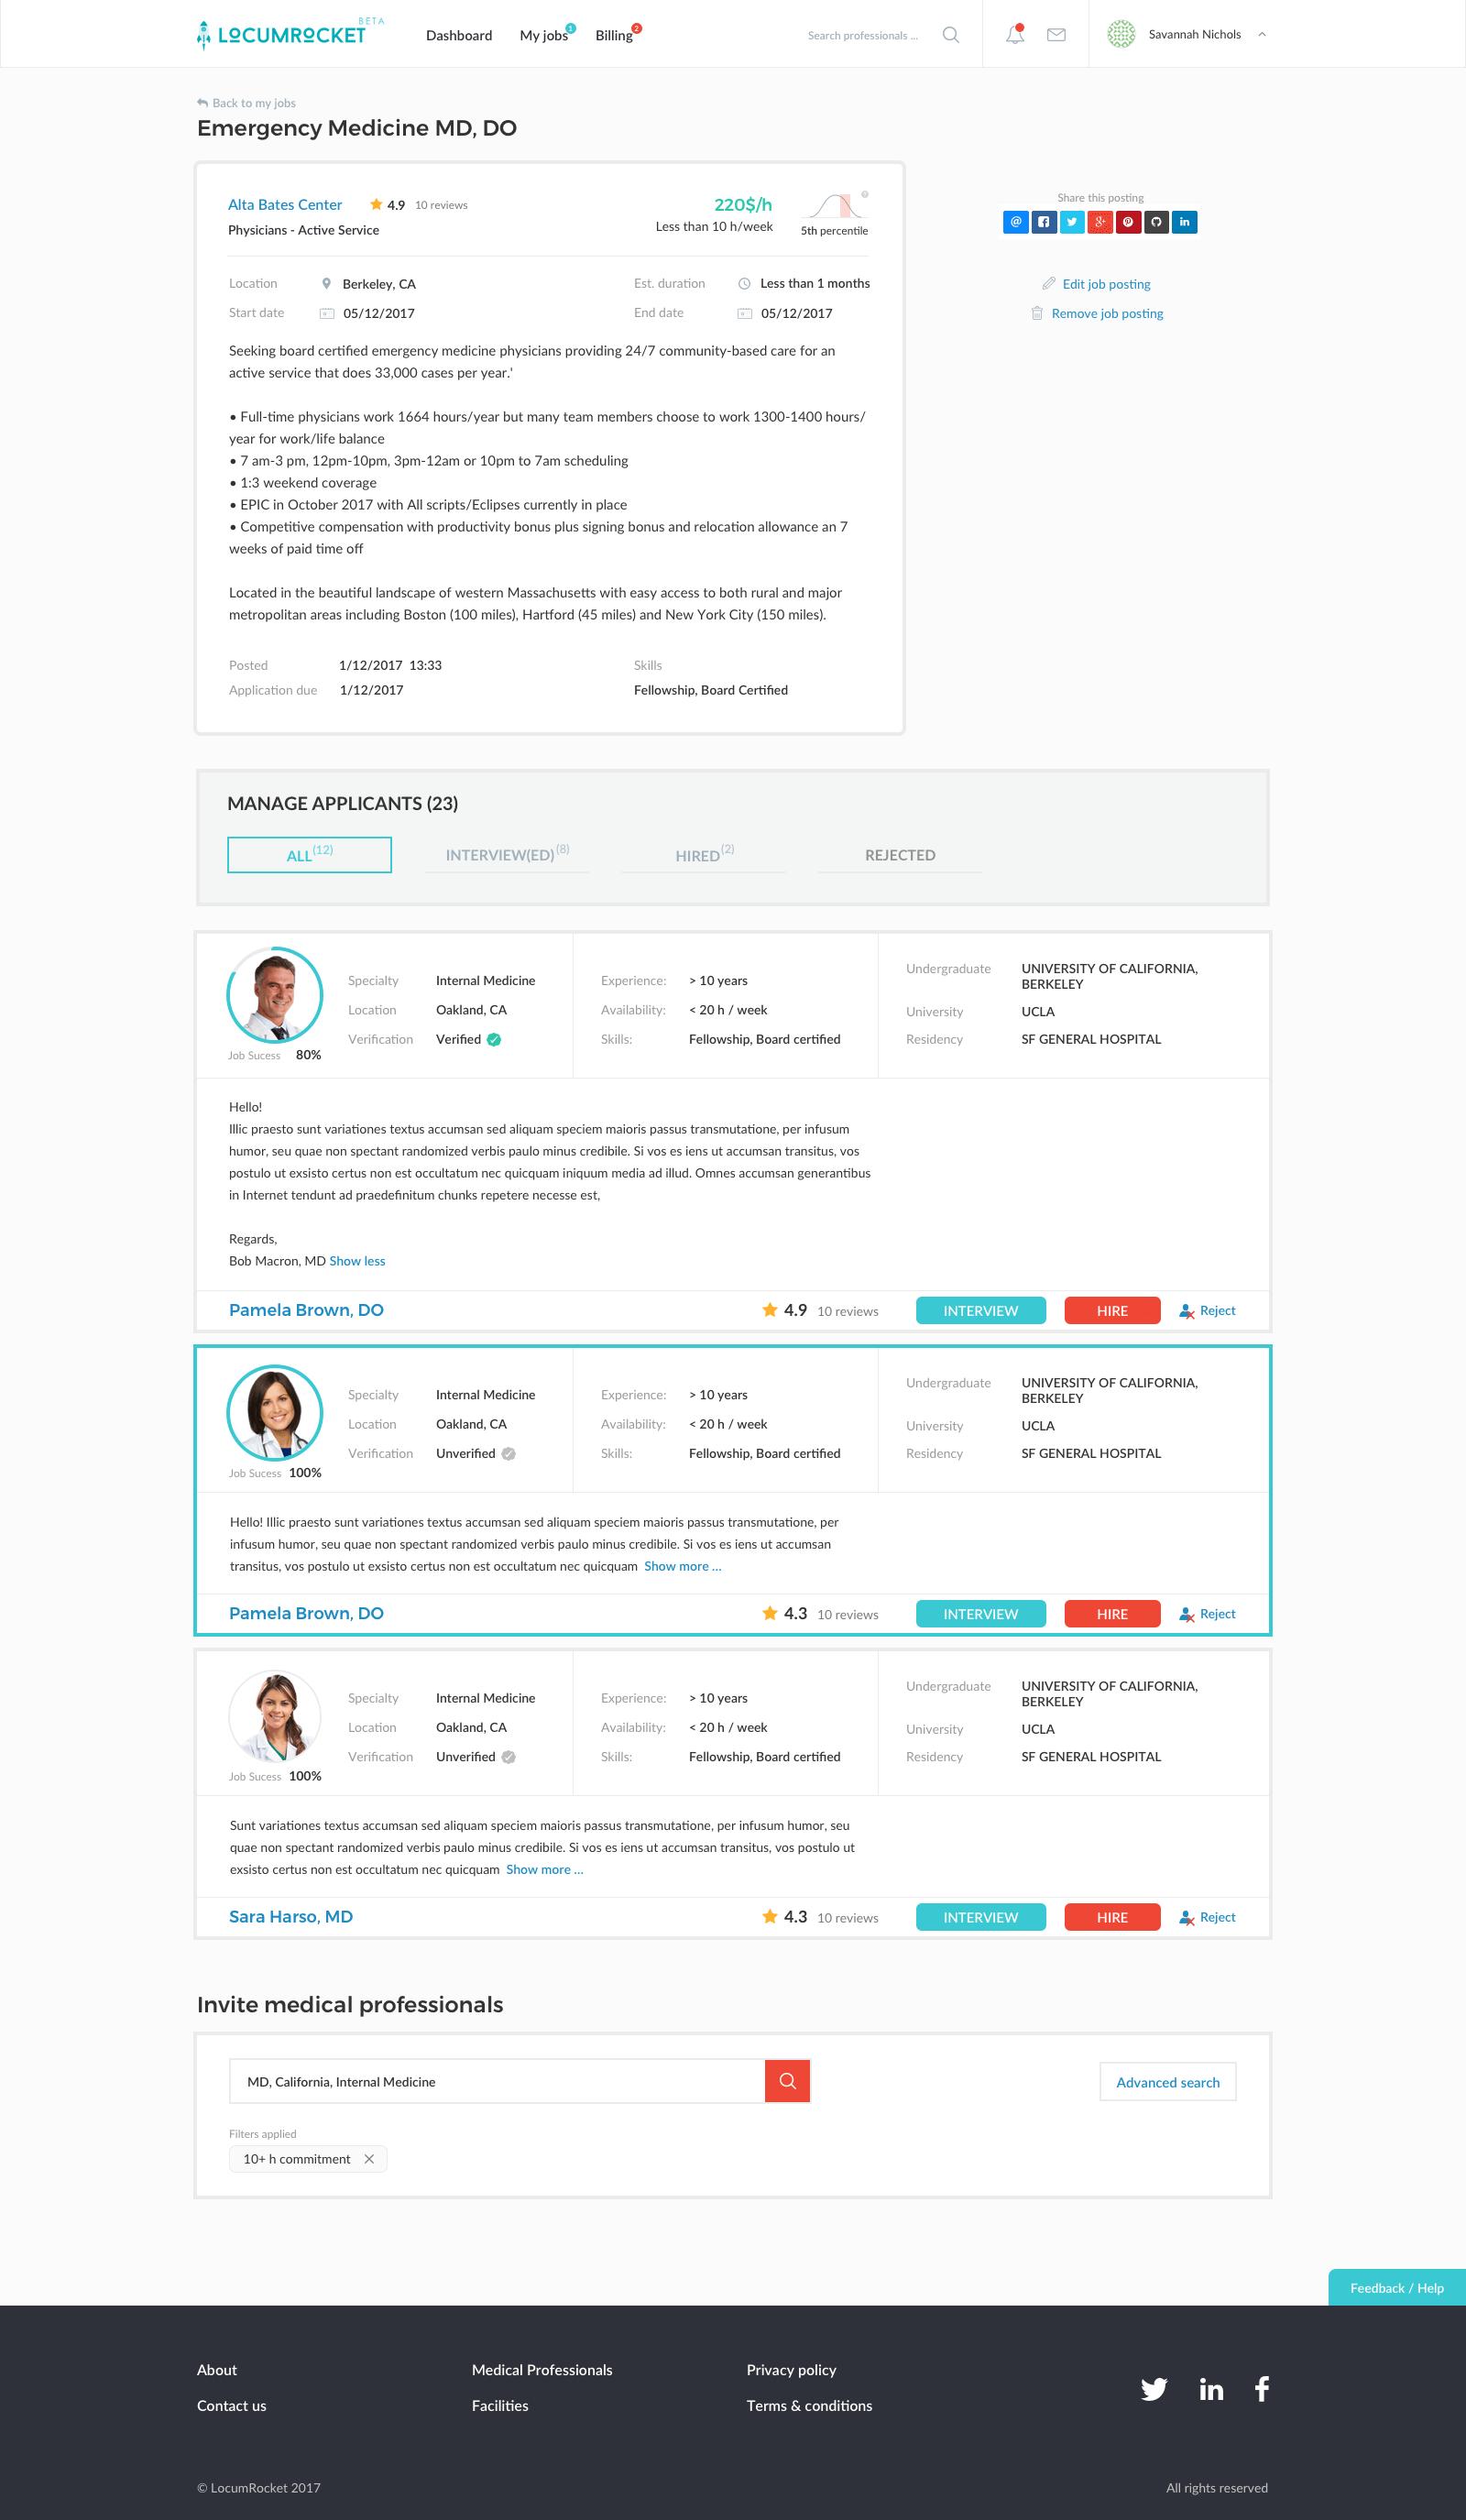 Дизайн сервиса - LocumRocket